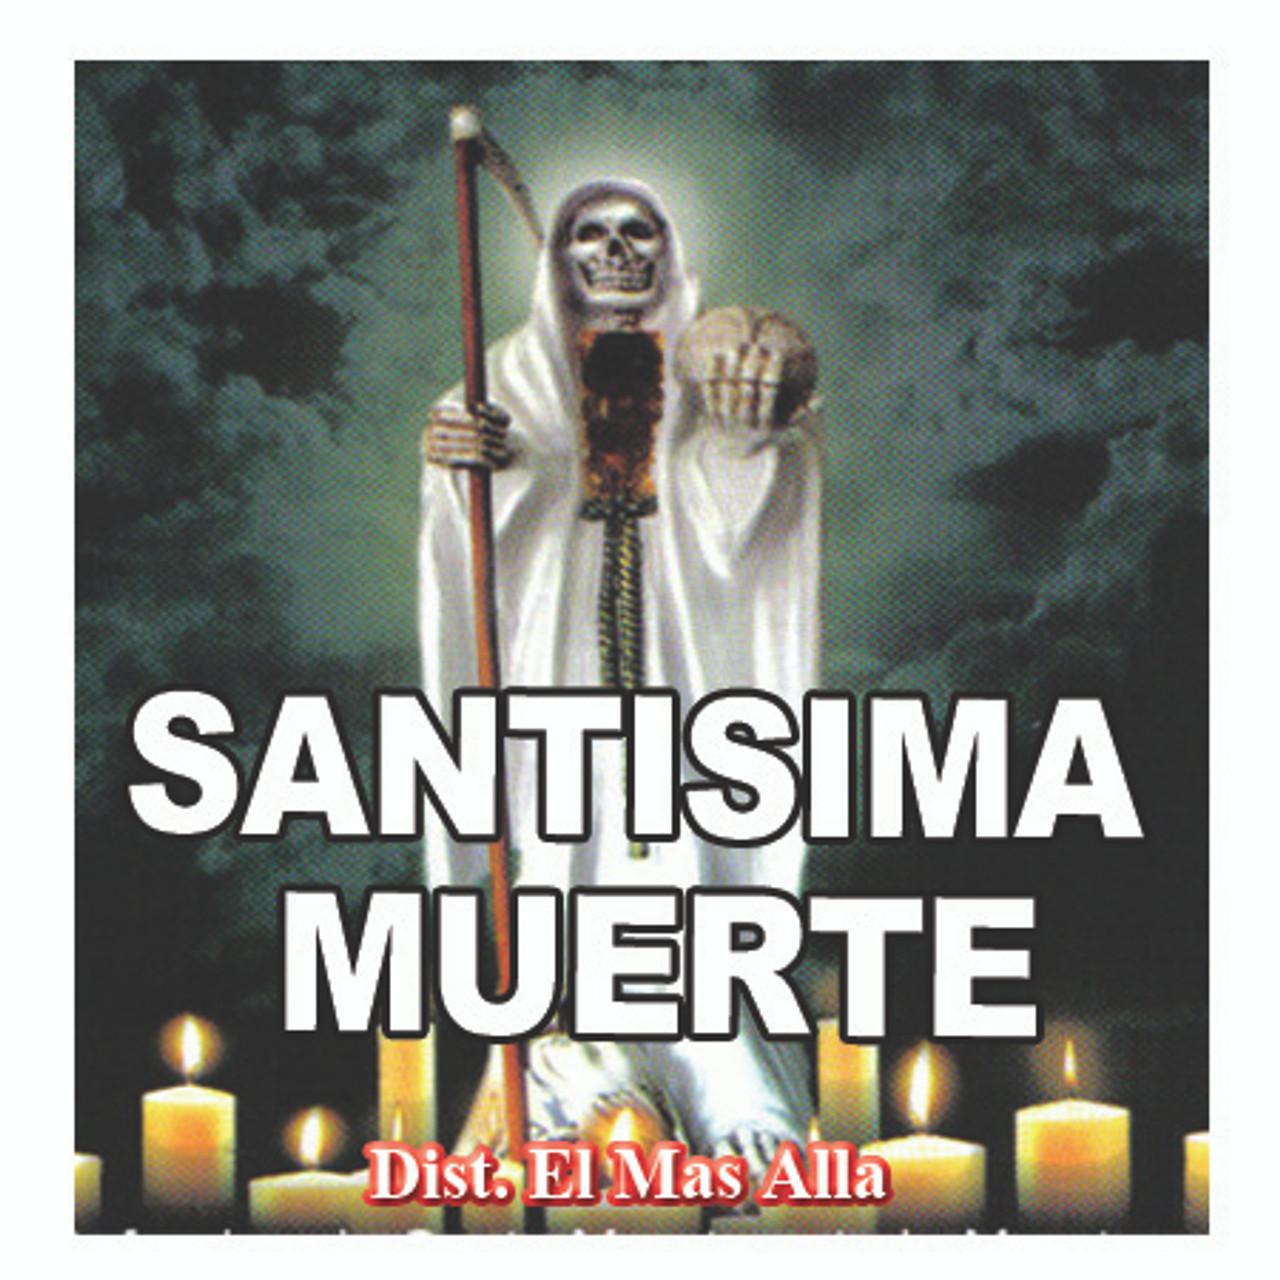 Aceite Santa Muerte